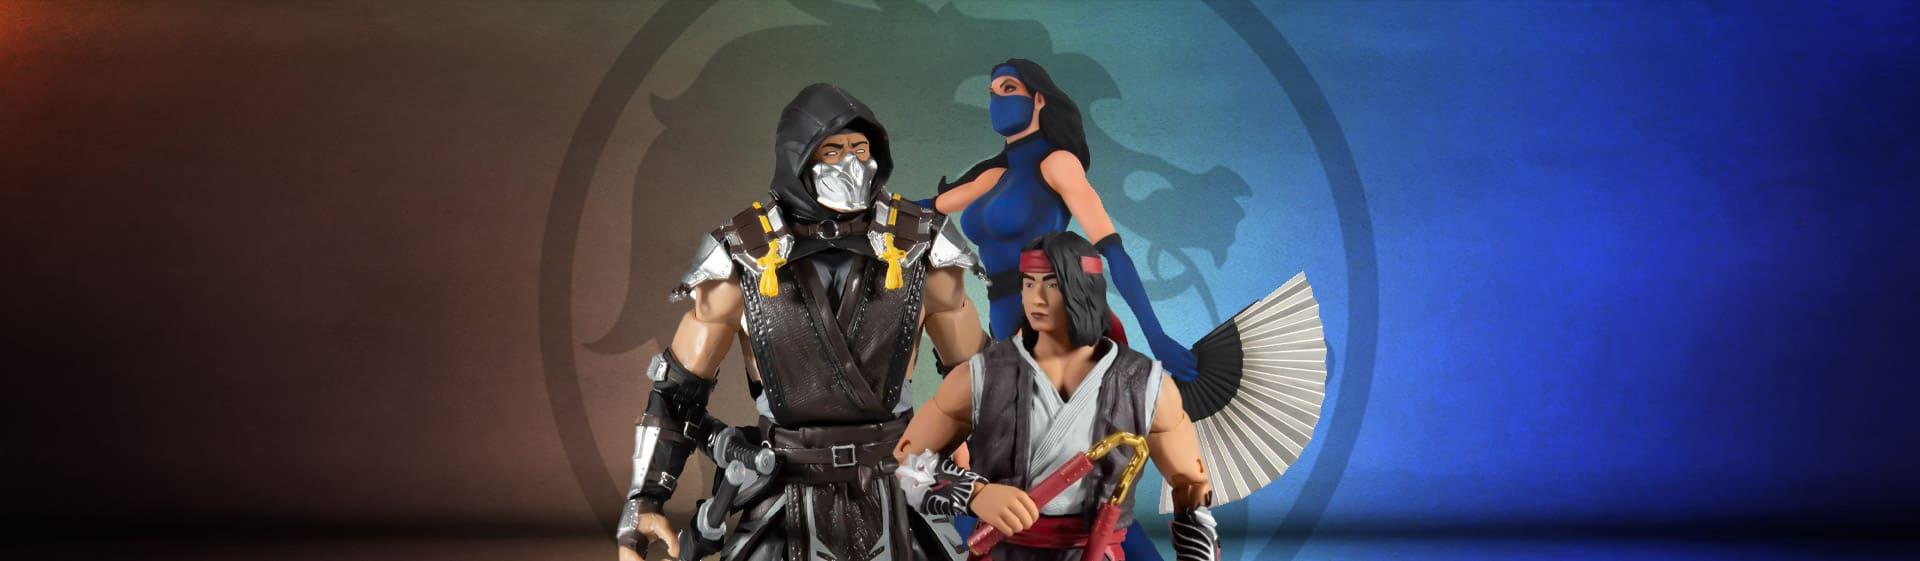 Personagens Mortal Kombat: Conheça todos e veja itens para fãs